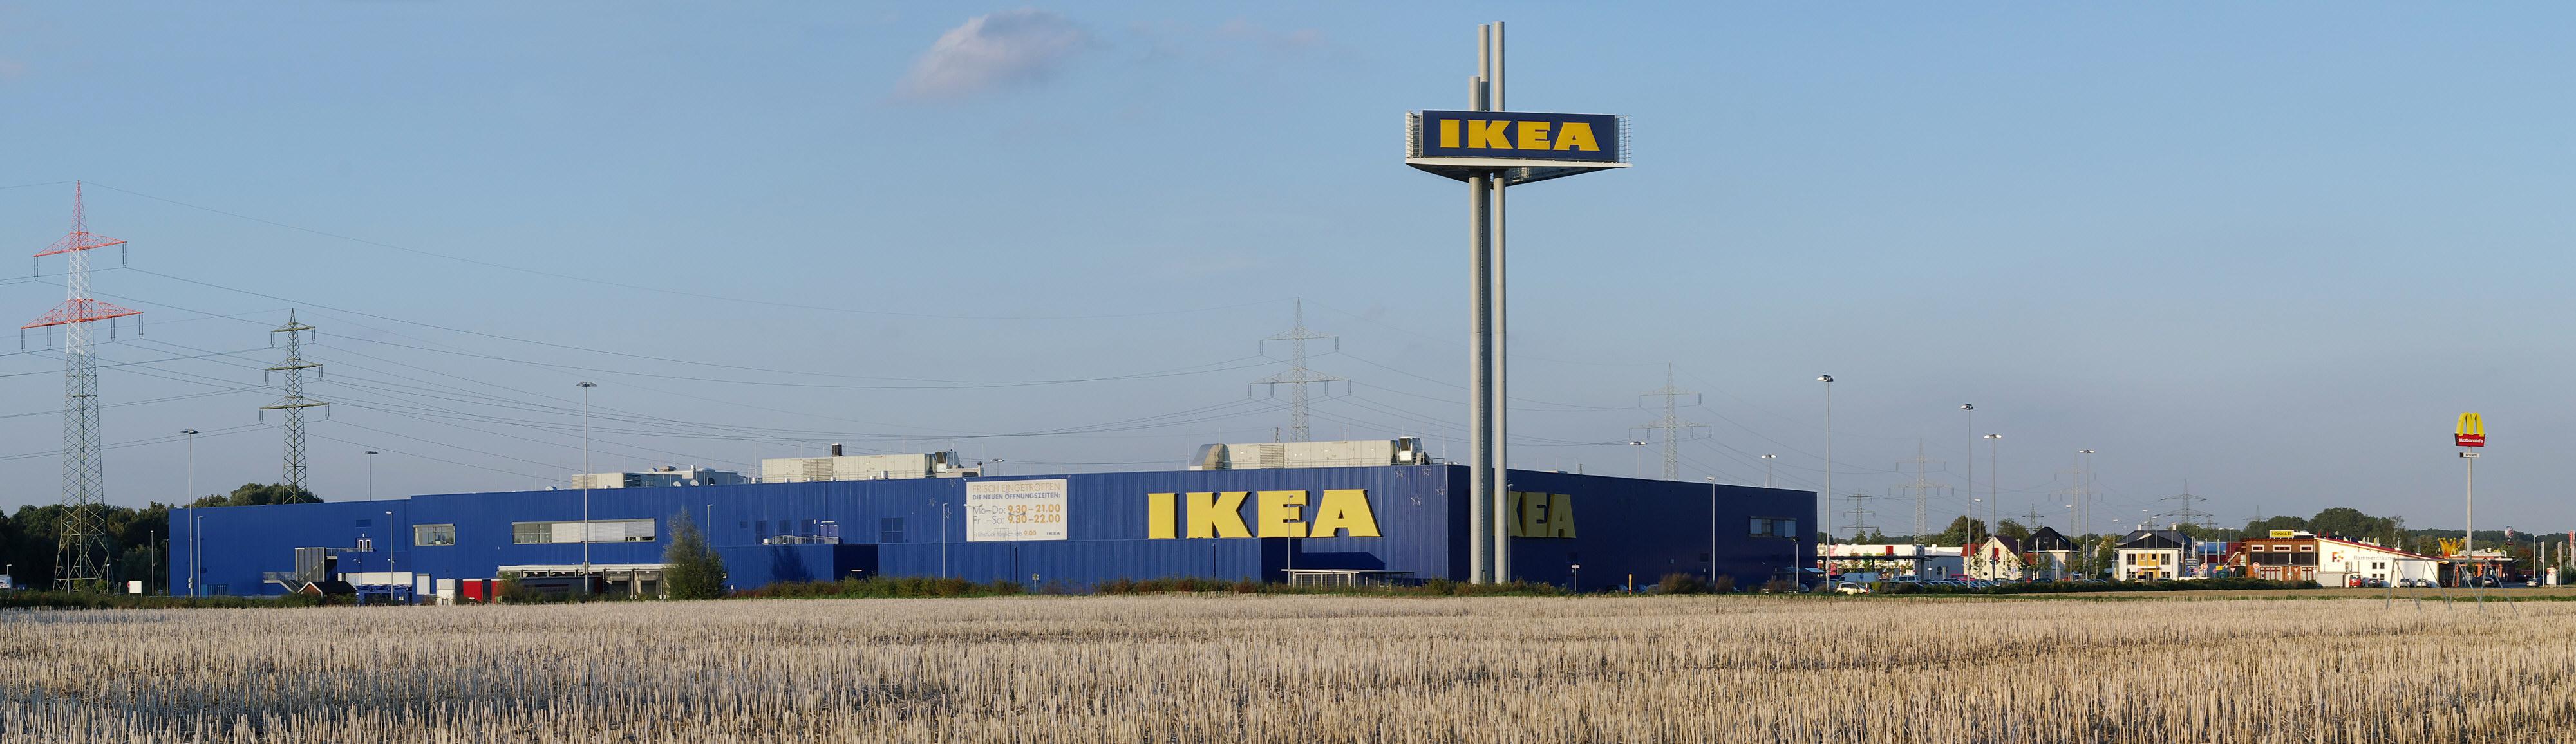 Ikea öffnungszeiten Freiburg : file ikea kamen pano wikimedia commons ~ Watch28wear.com Haus und Dekorationen